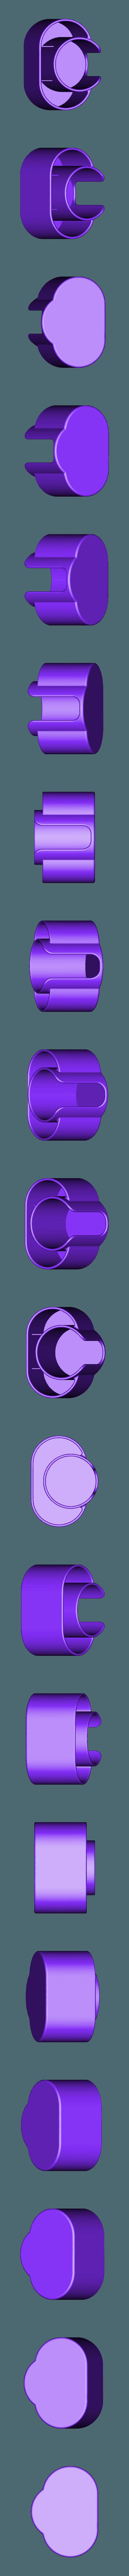 v2.stl Télécharger fichier STL gratuit Support pour tiges et disques de coton • Modèle imprimable en 3D, Ruvimkub